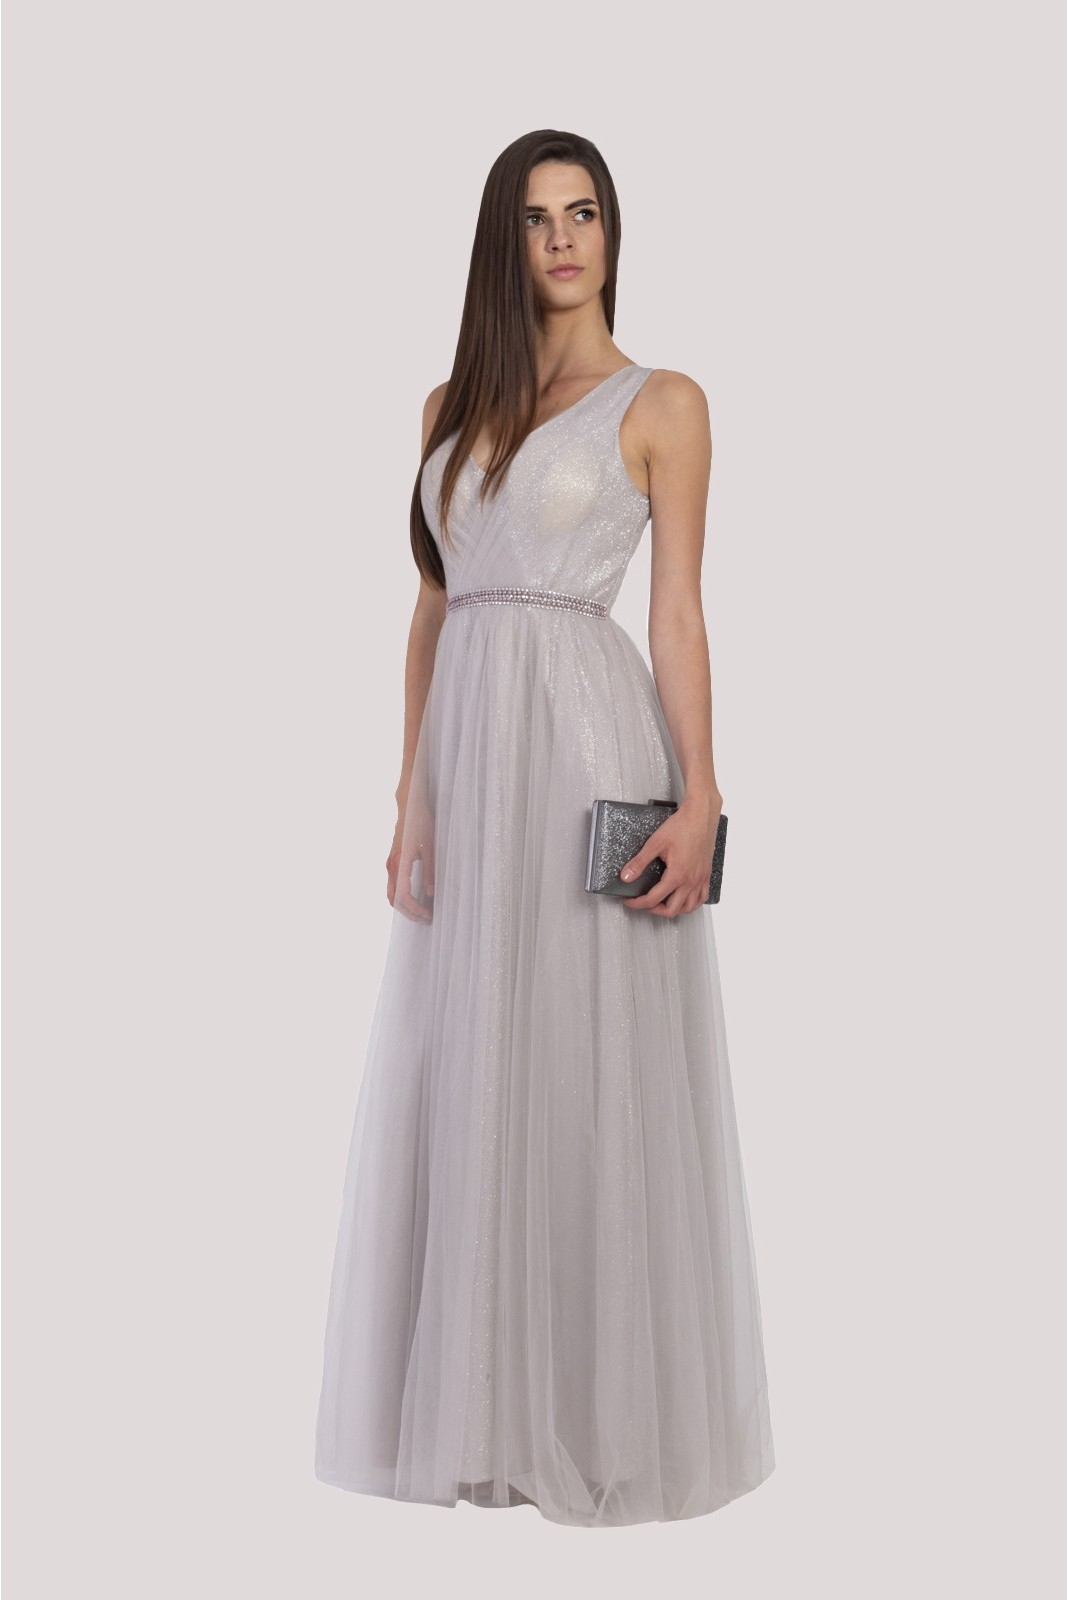 Sukienka na specjalne okazje 6K3909 | Sklep 5.10.15